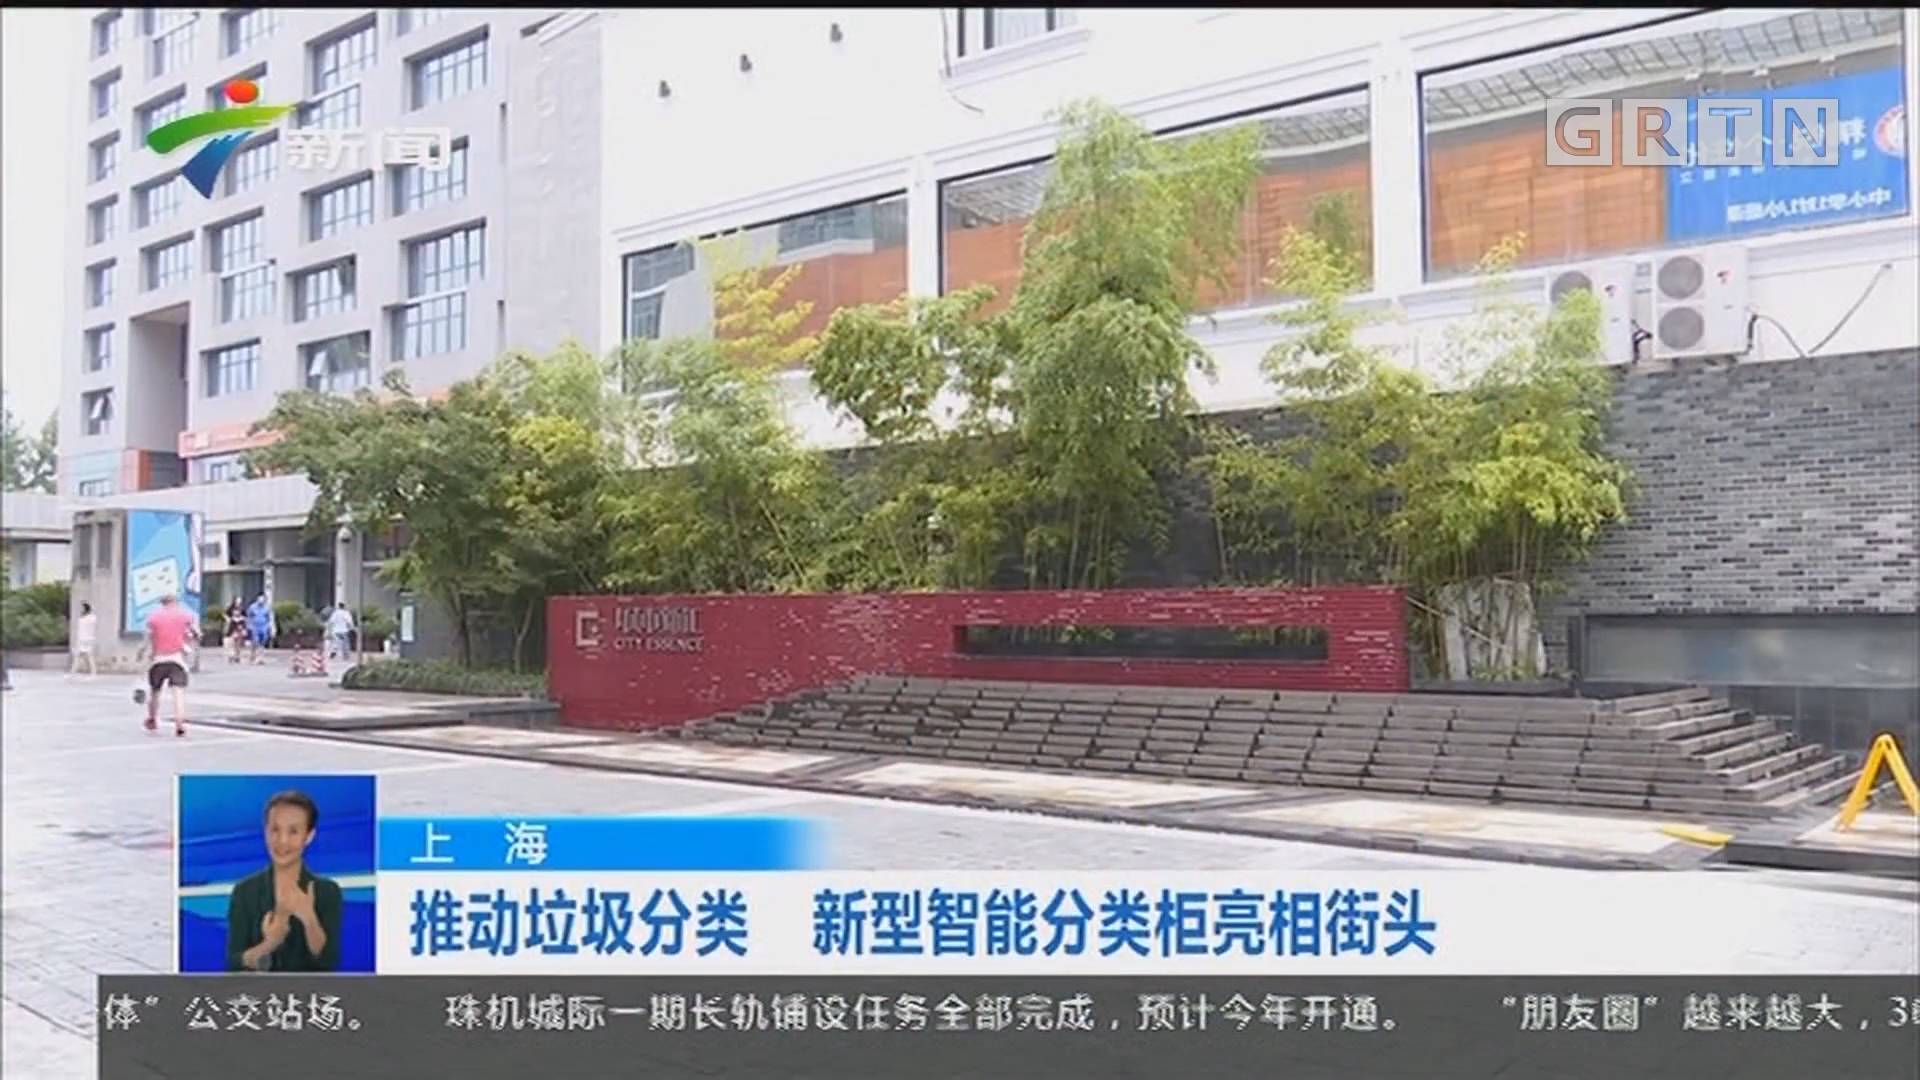 上海?#21644;?#21160;垃圾分类 新型智能分类柜亮相街头